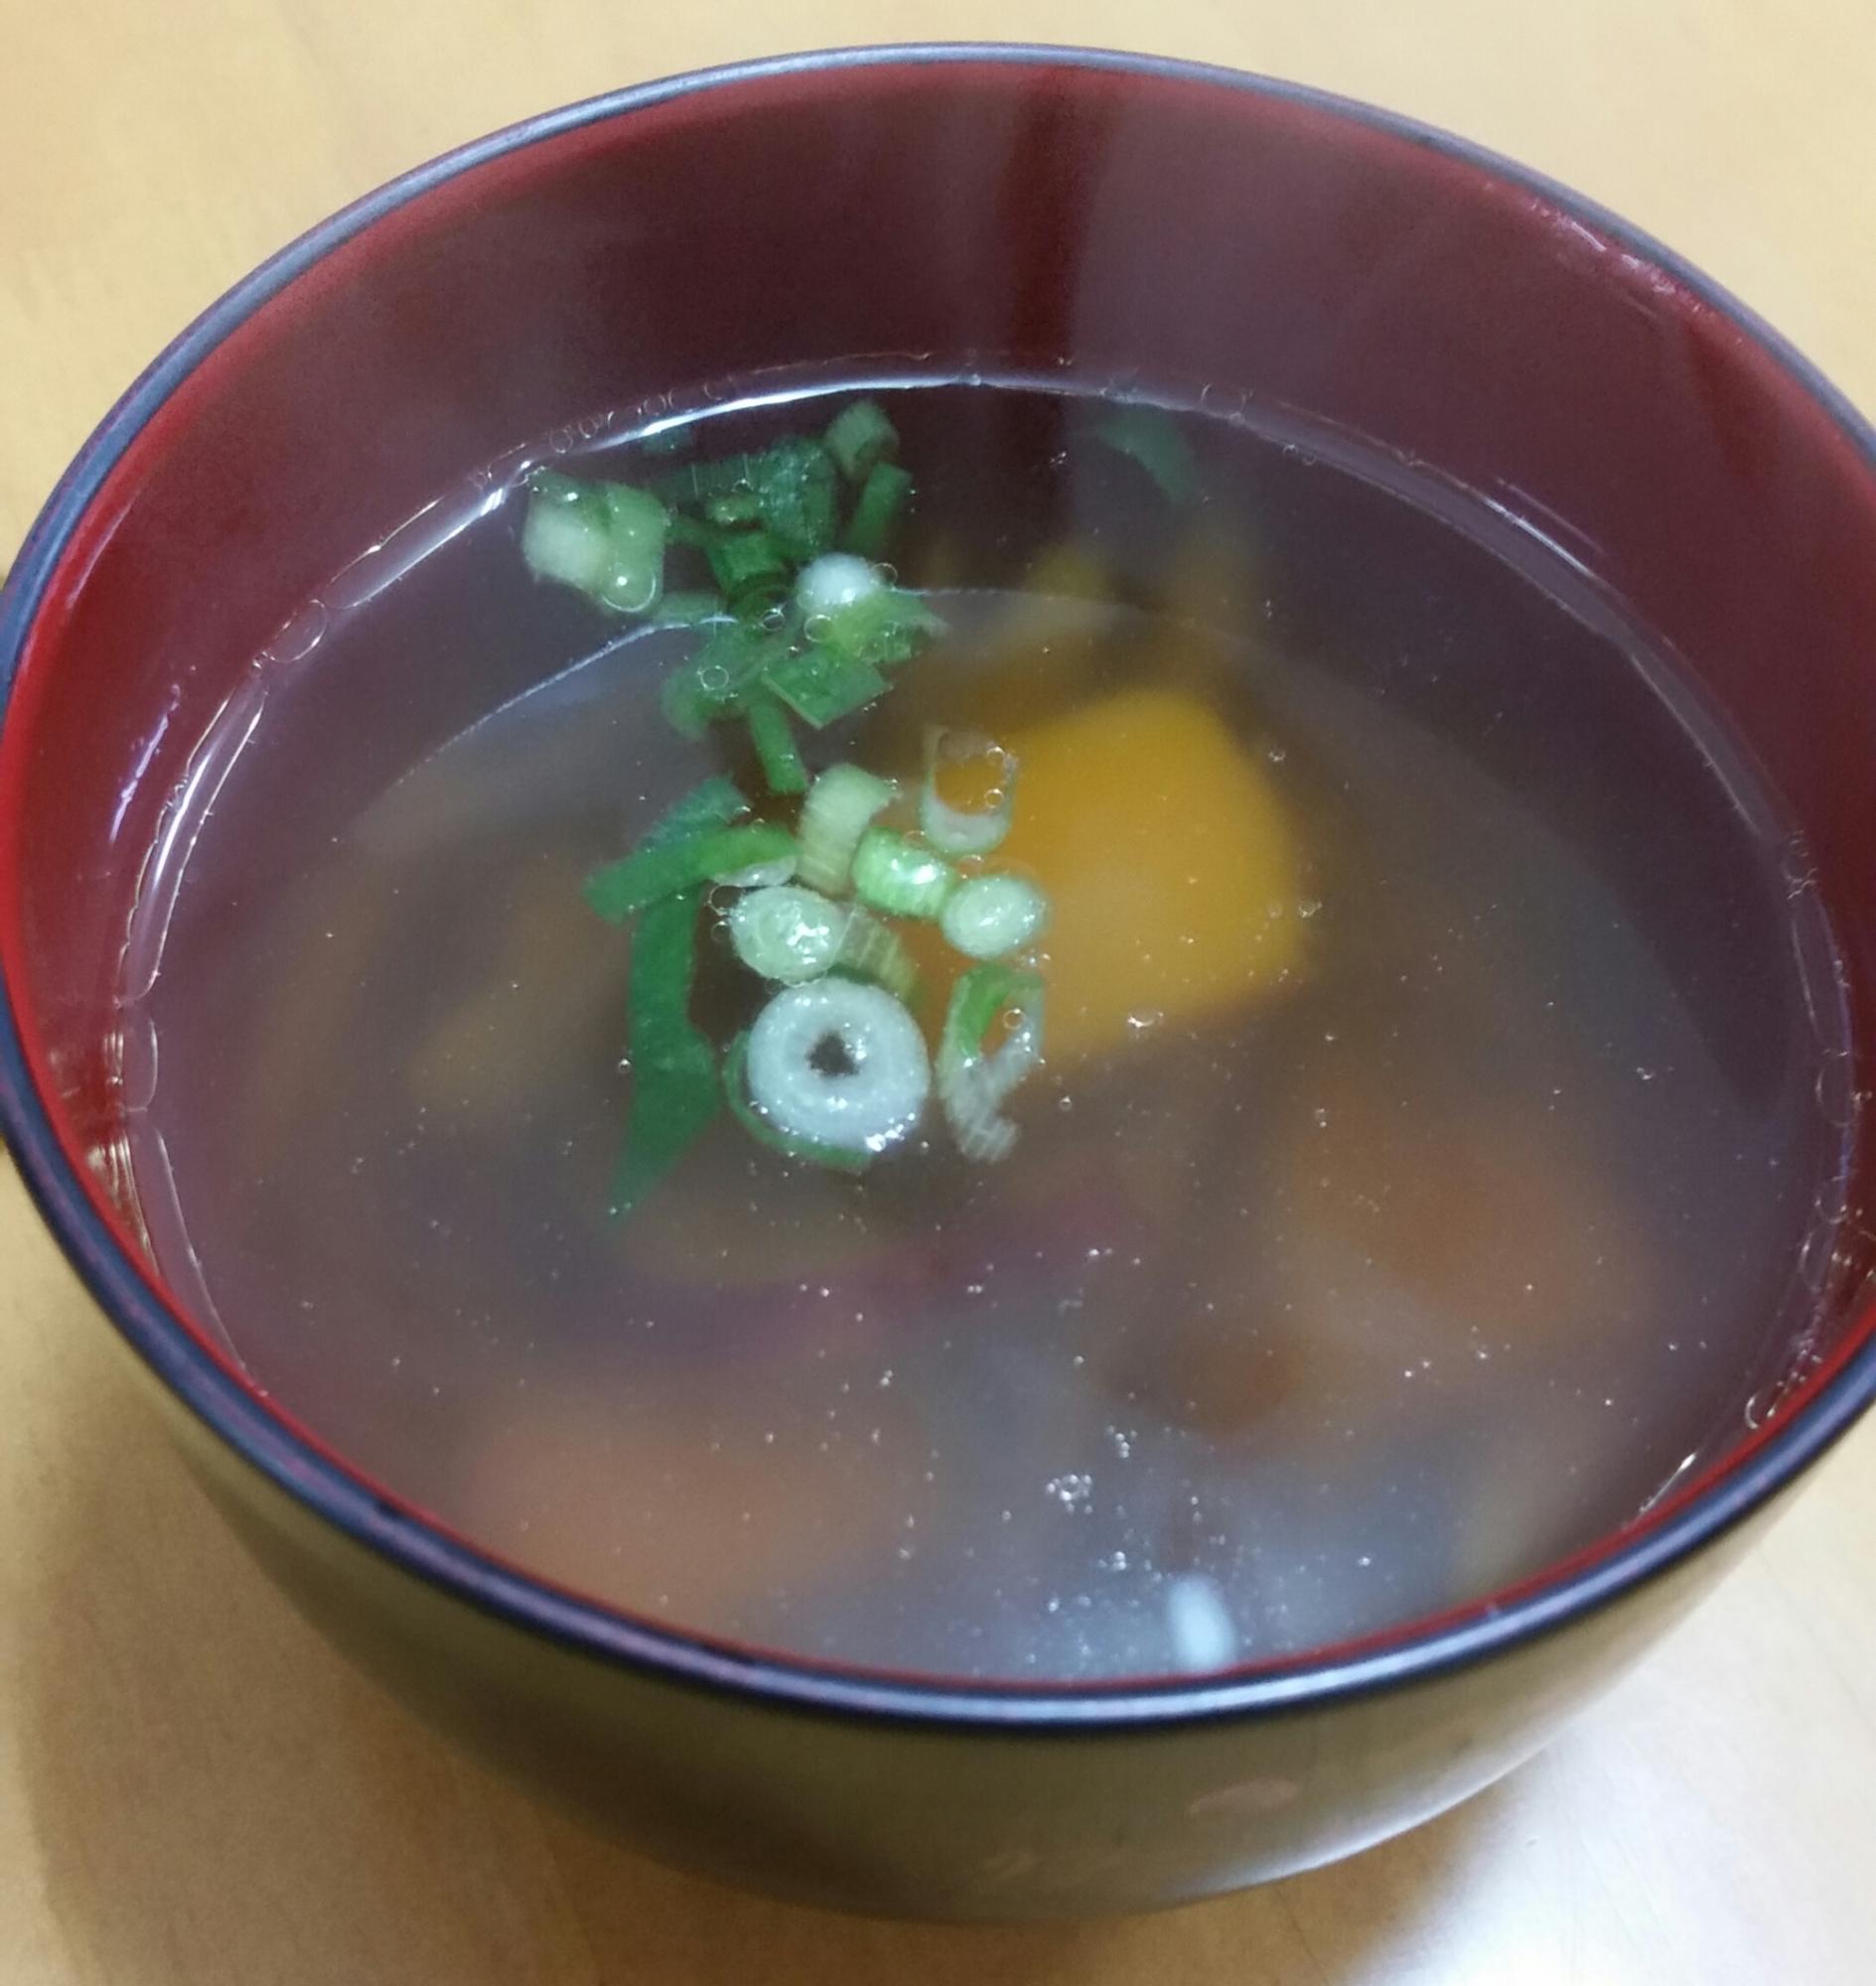 かぼちゃとさつまいもでお手軽けんちん汁 レシピ・作り方 by TOMOMI9968|楽天レシピ